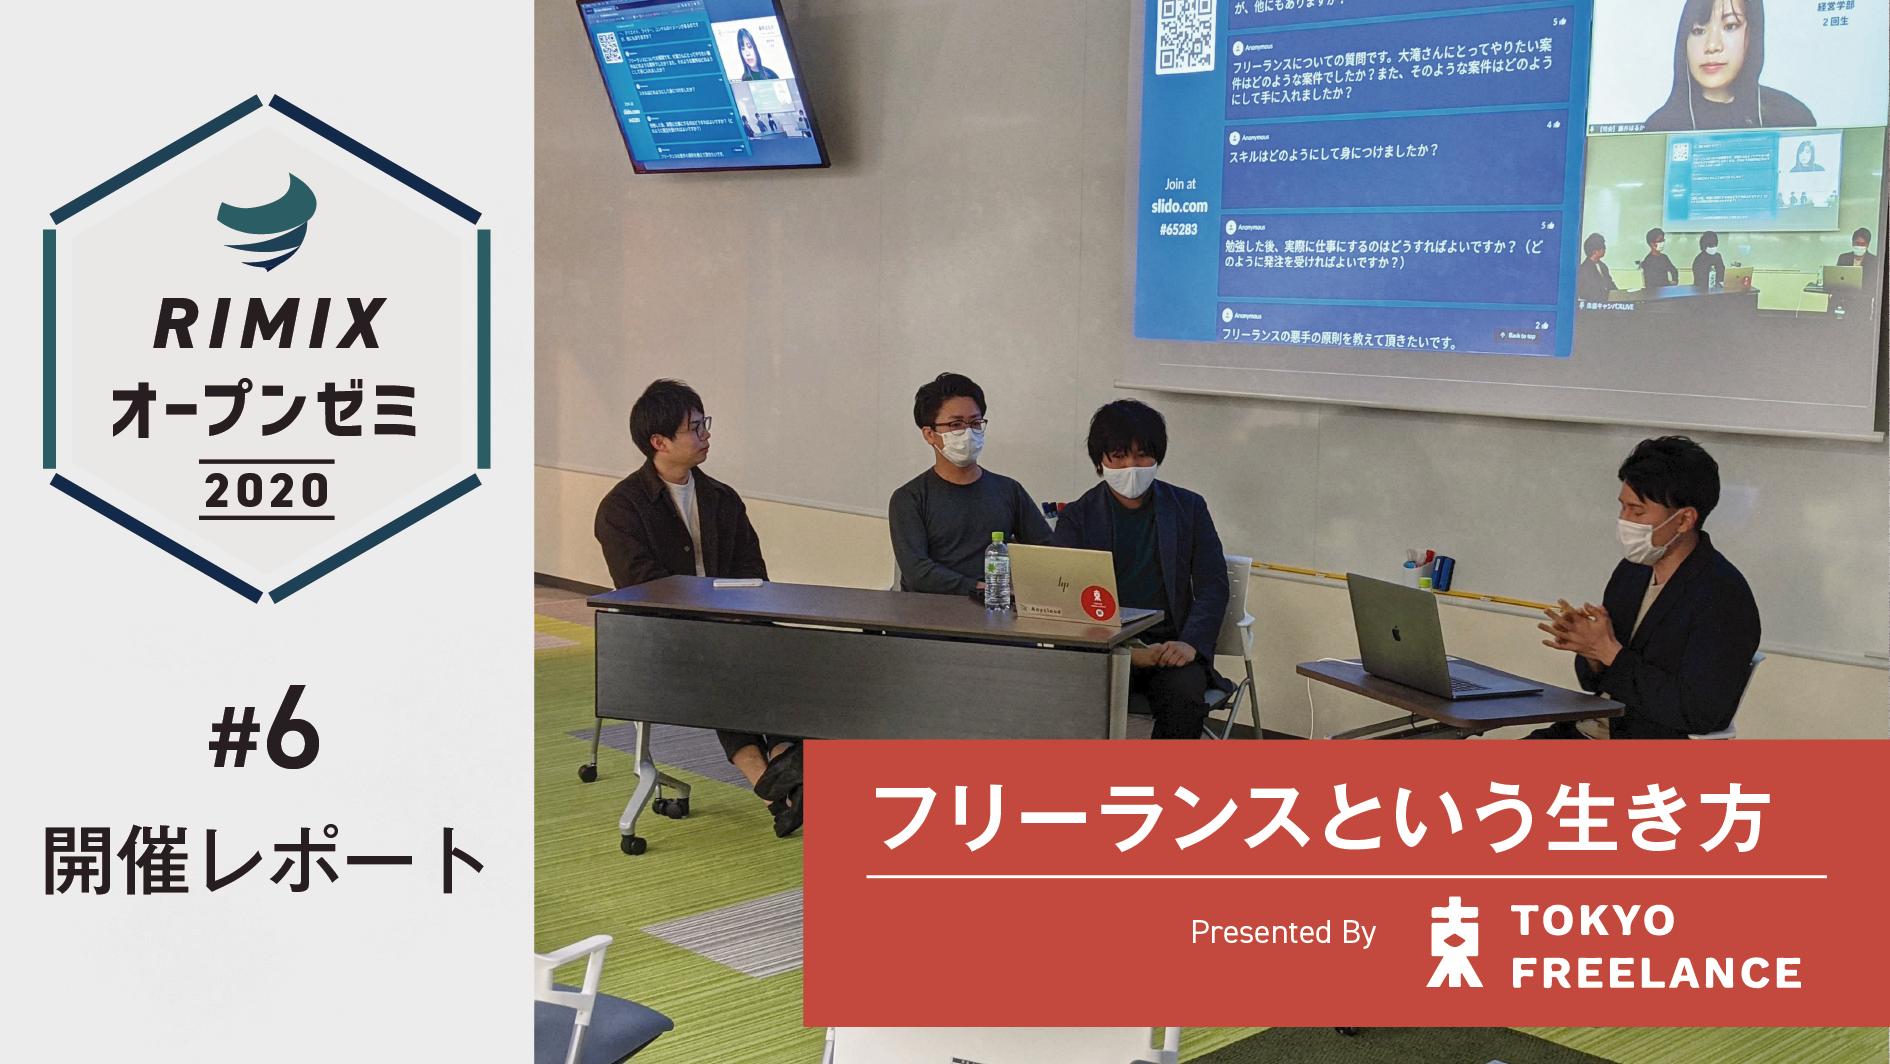 【RIMIXオープンゼミ#6】「フリーランスという生き方」Presented by 東京フリーランス 開催レポート